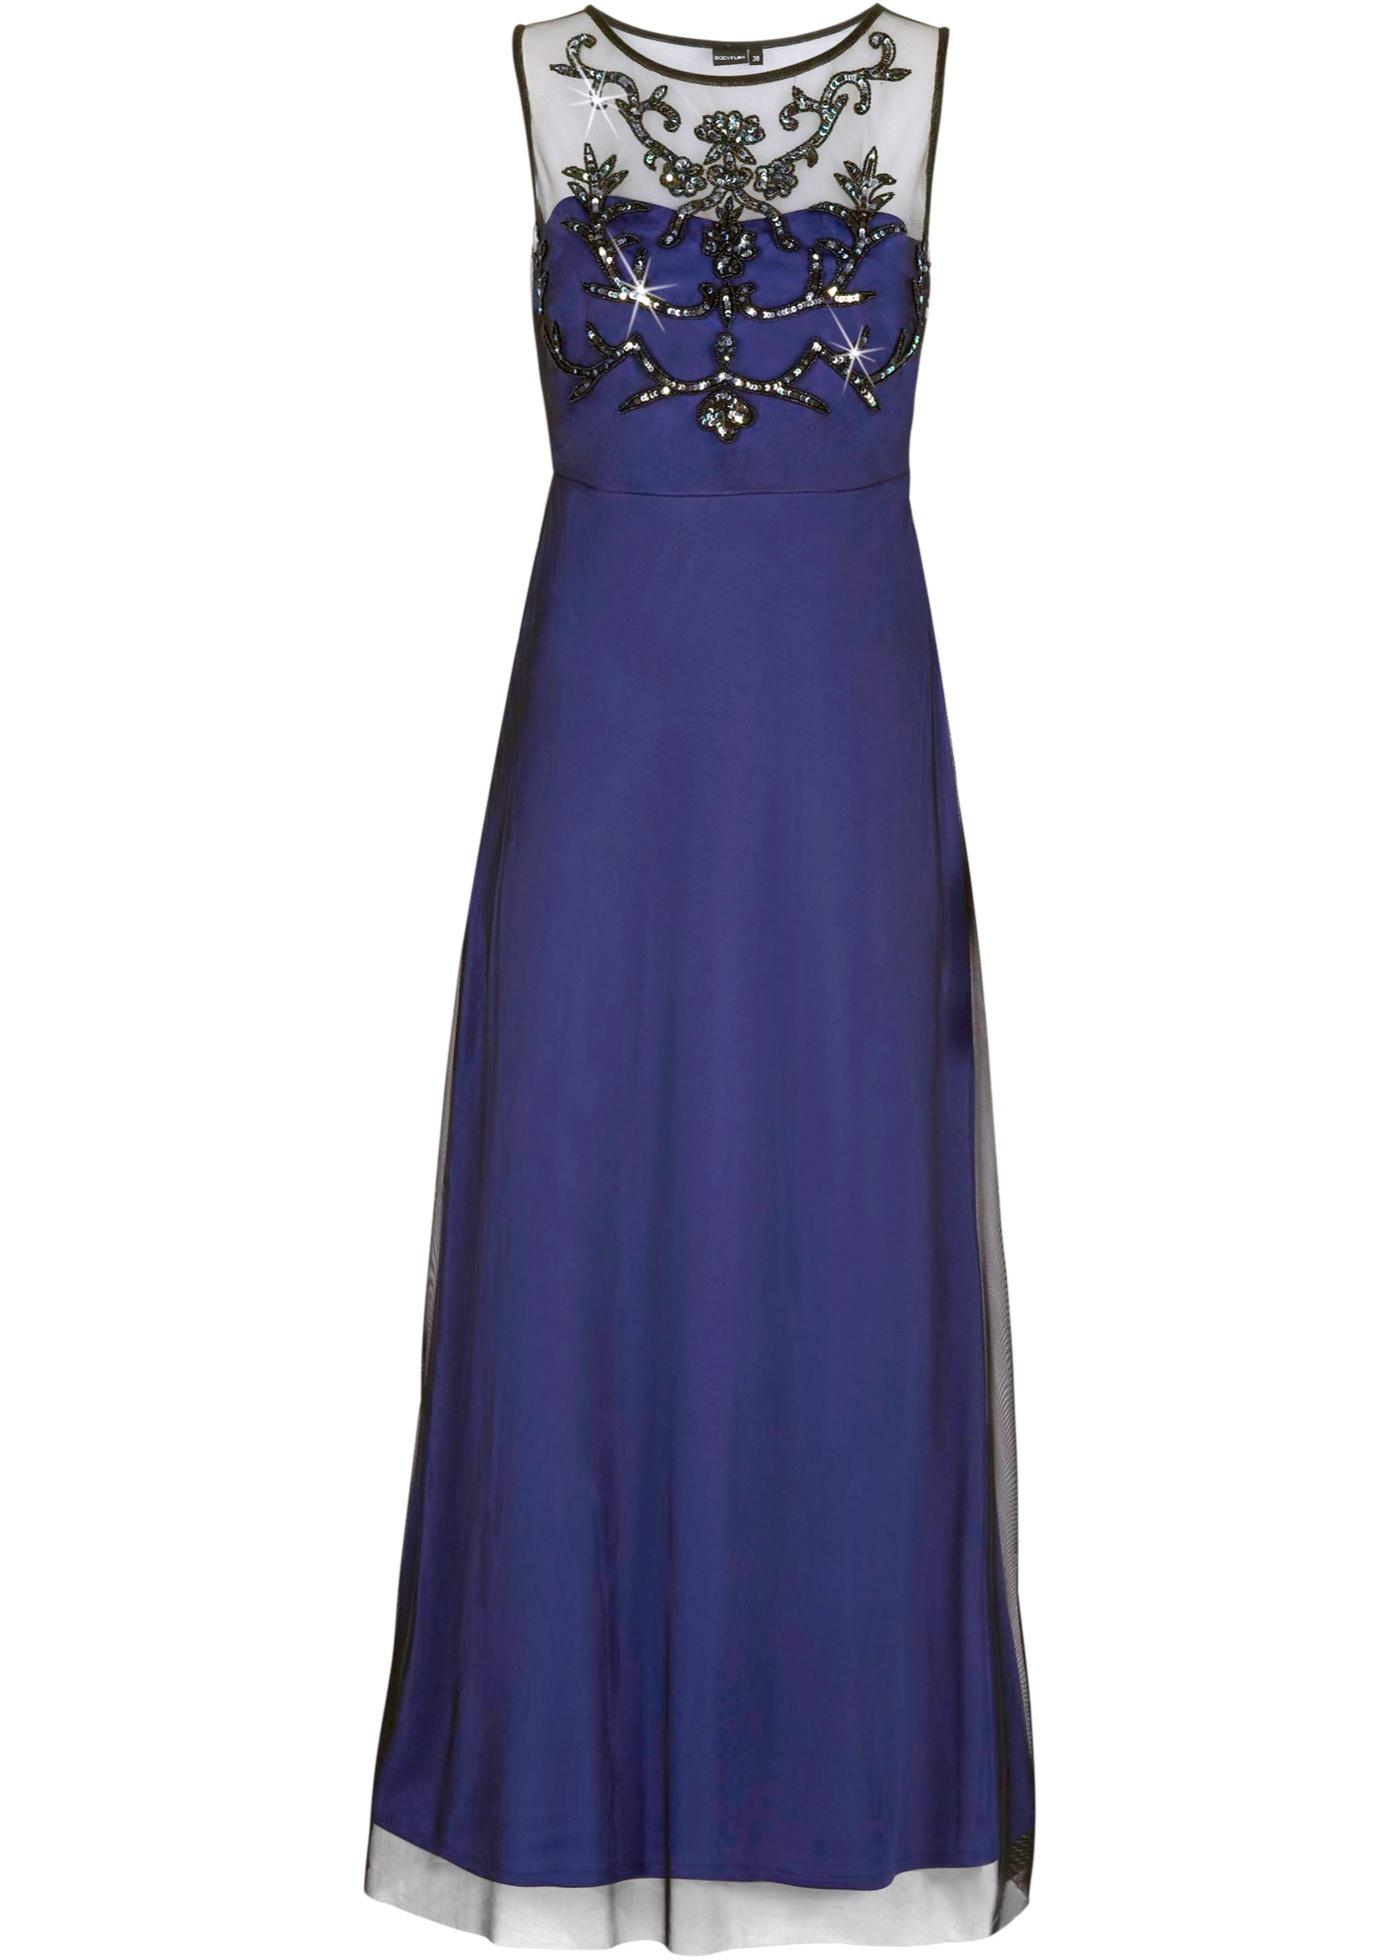 Bodyflirt Abendkleid ohne Ärmel  in blau (Rundhals) von bonprix